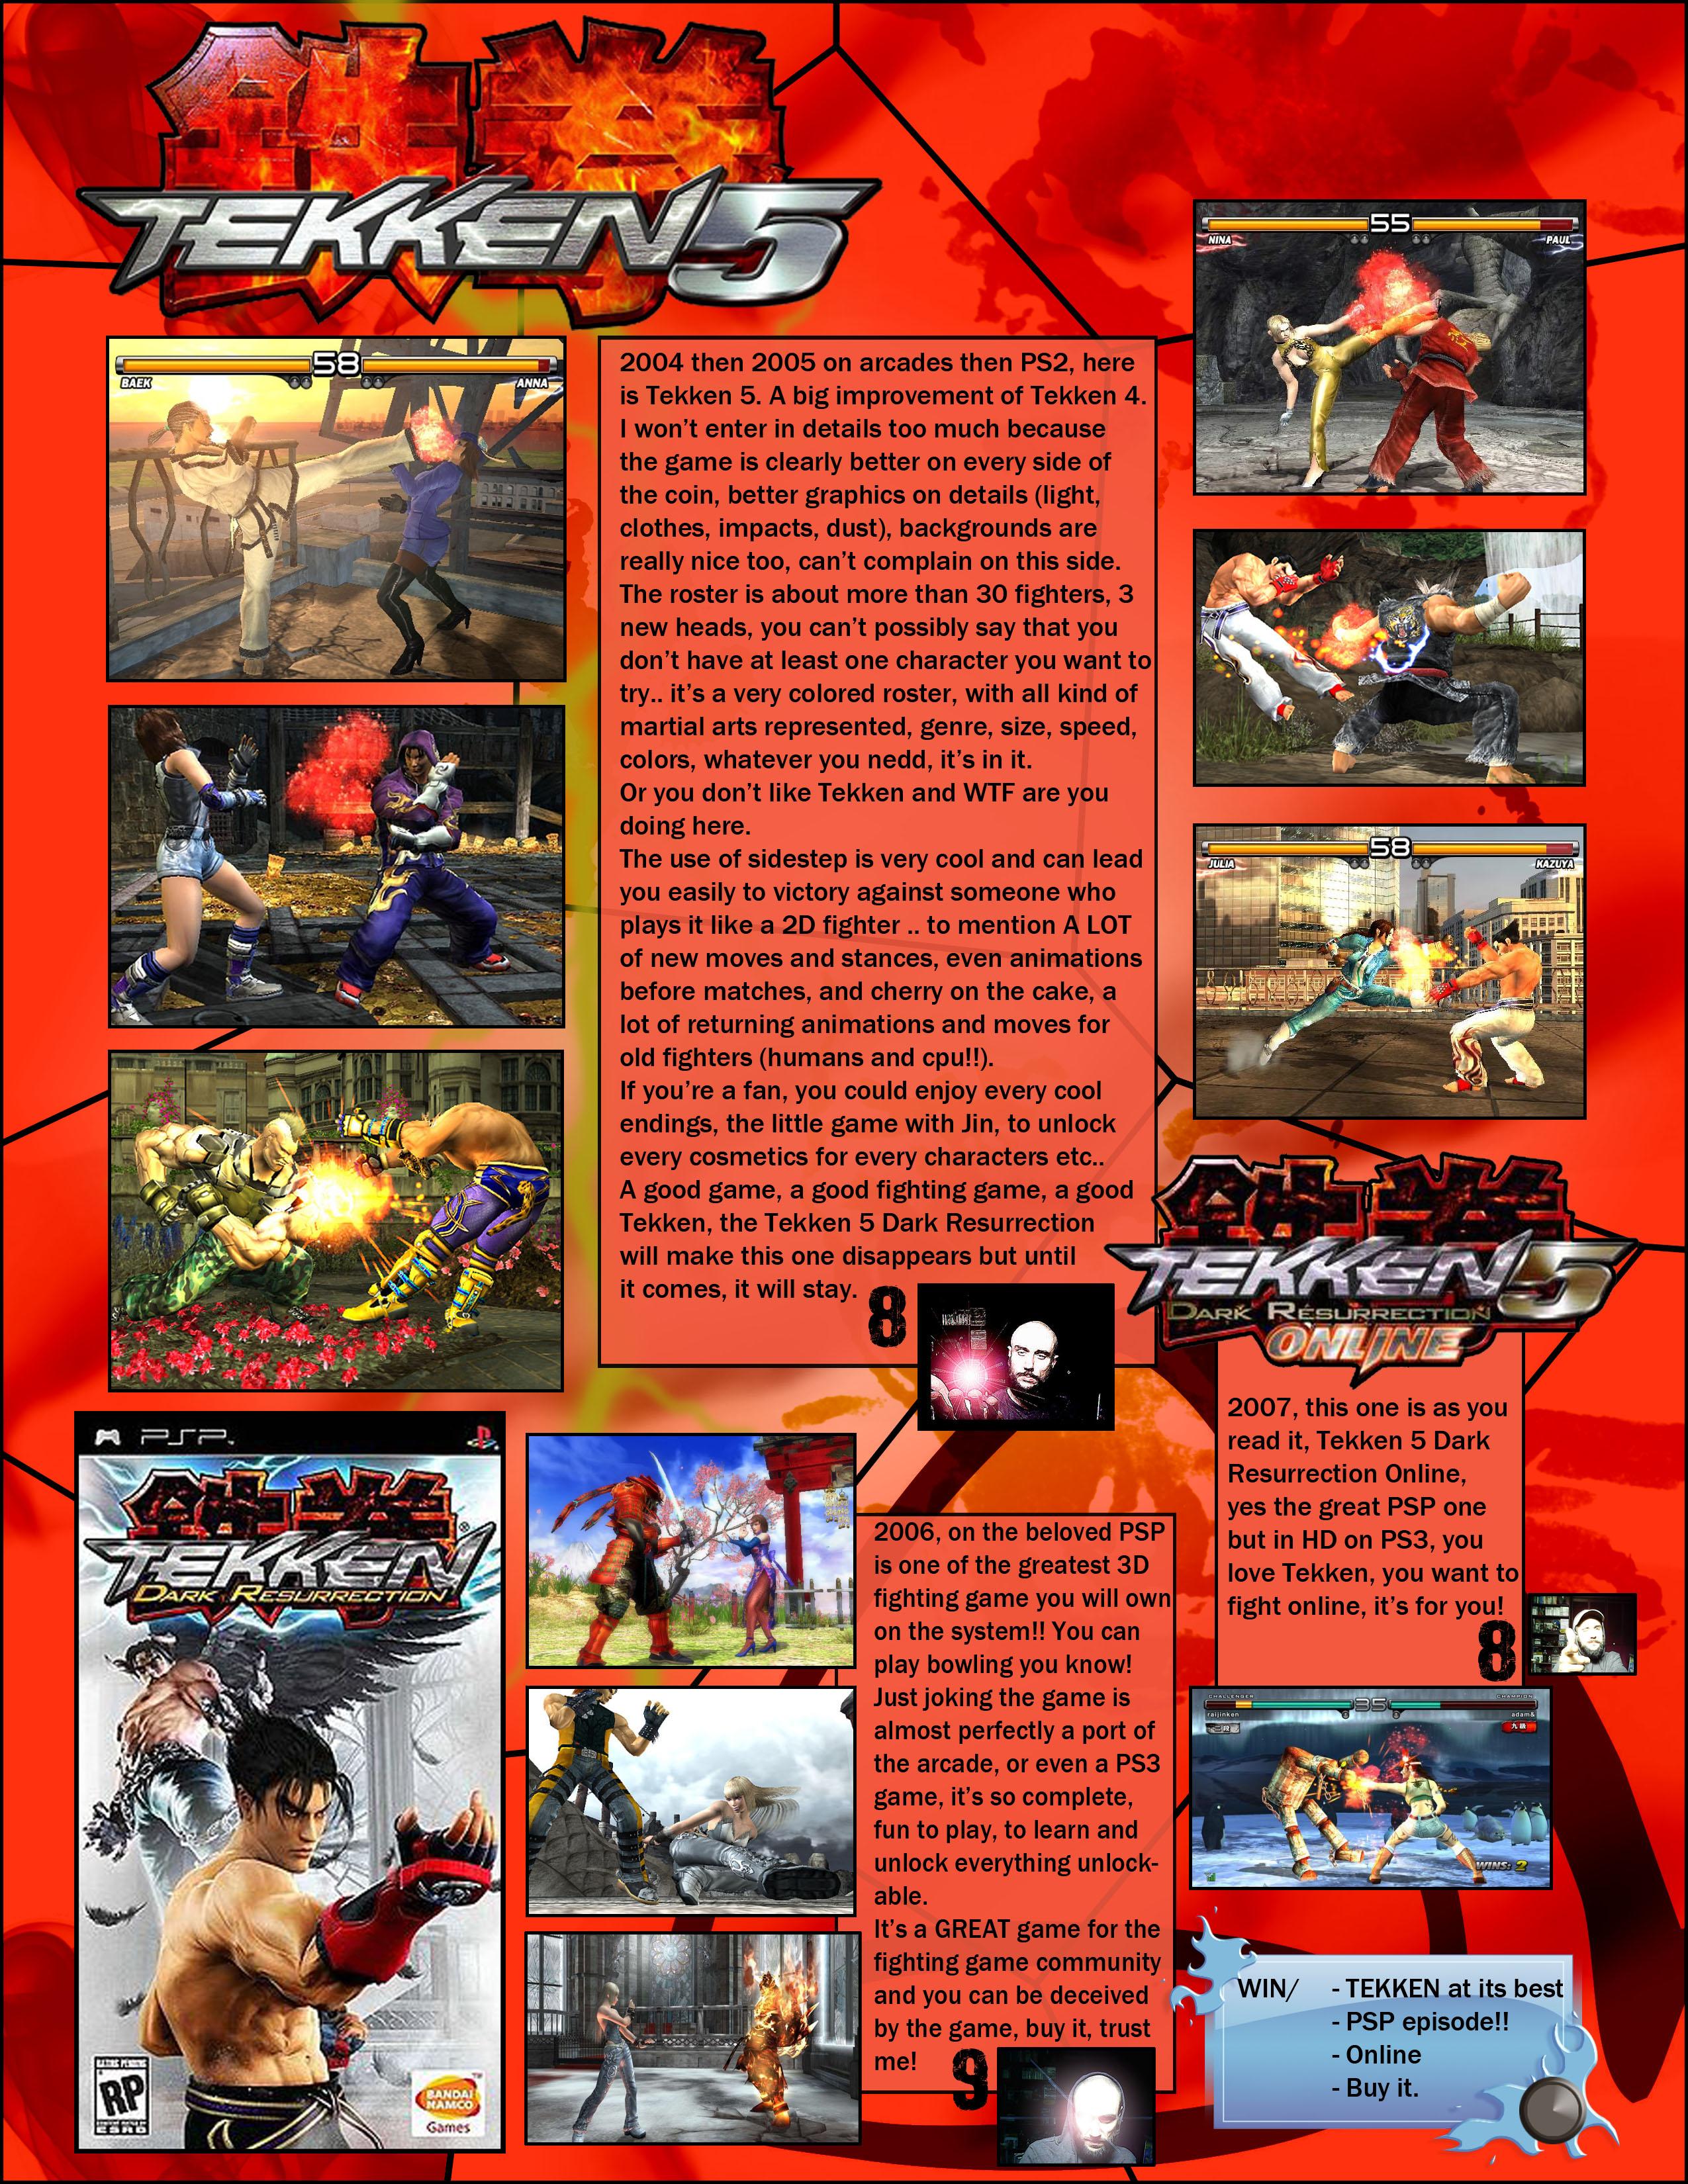 Tekken 5 Dark Resurrection Online Versus The Holy Book Of